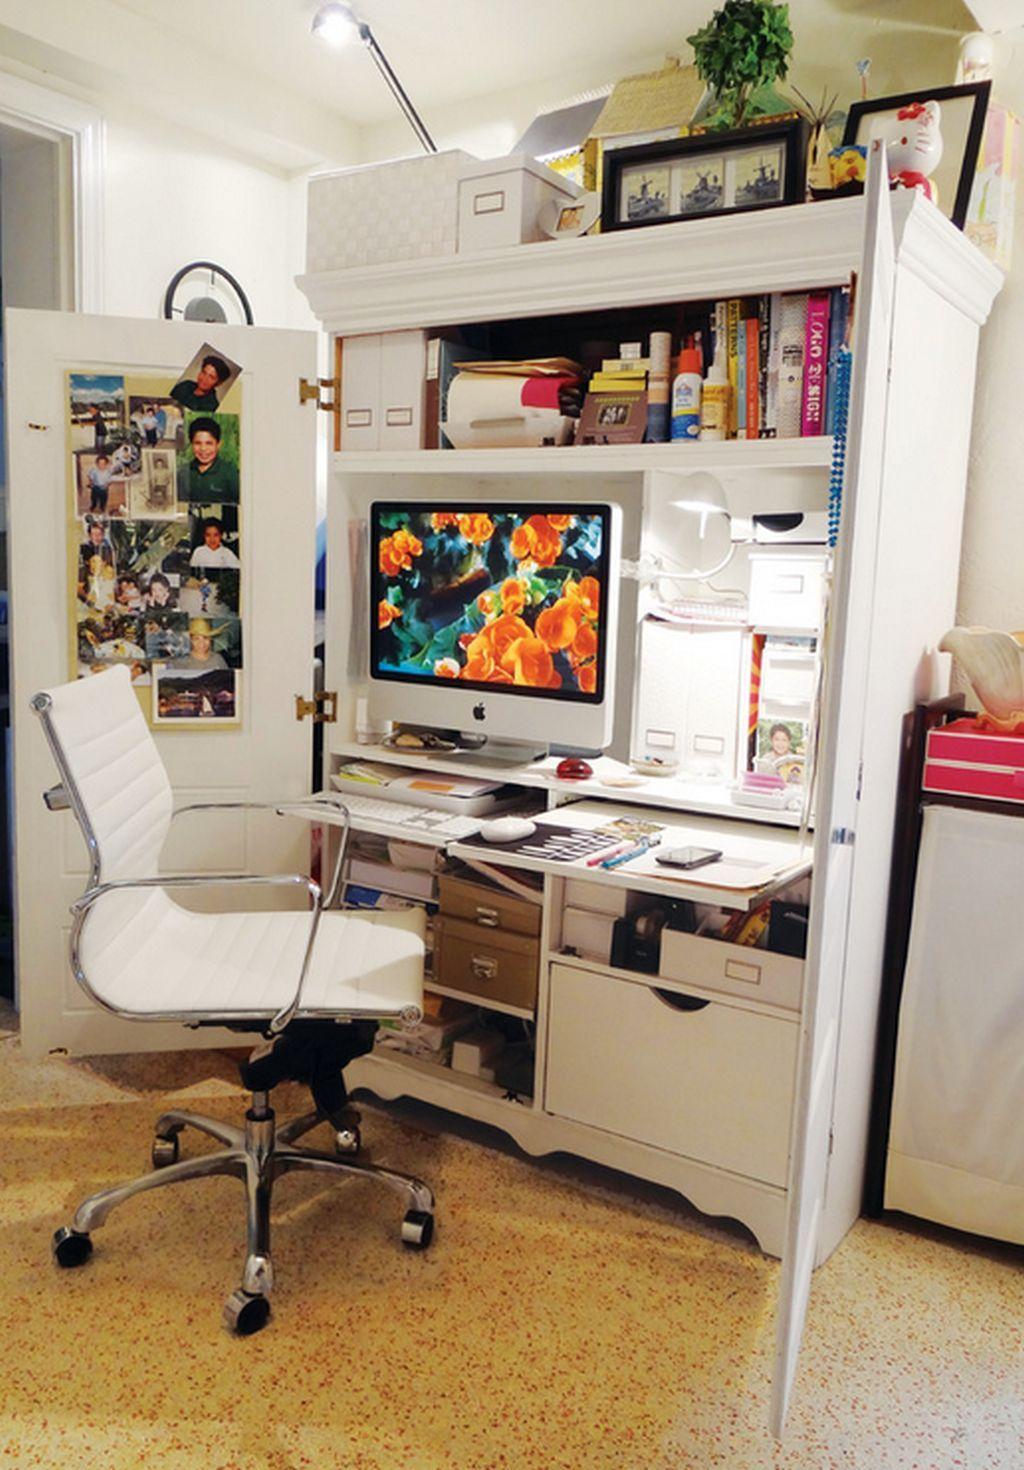 adelaparvu.com despre 10 idei pentru biroul sau atelierul de acasa (2)